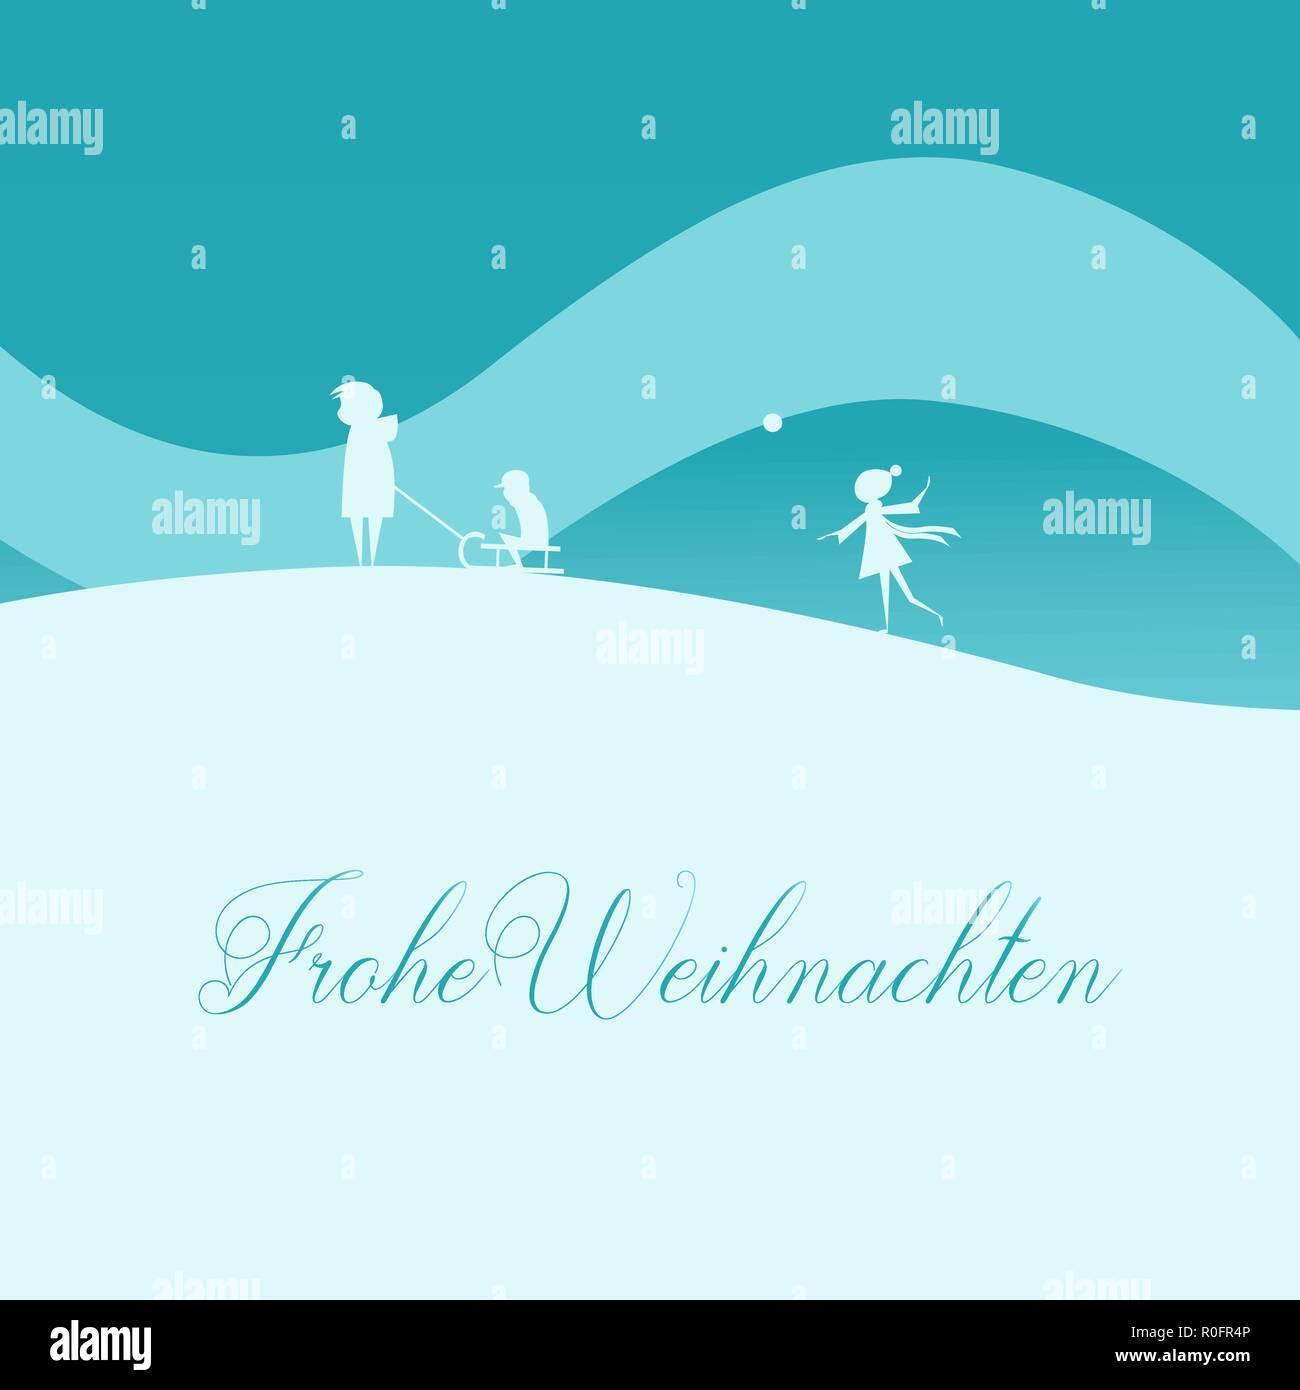 übersetzer Frohe Weihnachten.Vector Illustration Elegante Weihnachten Grußkarte Familie Mit